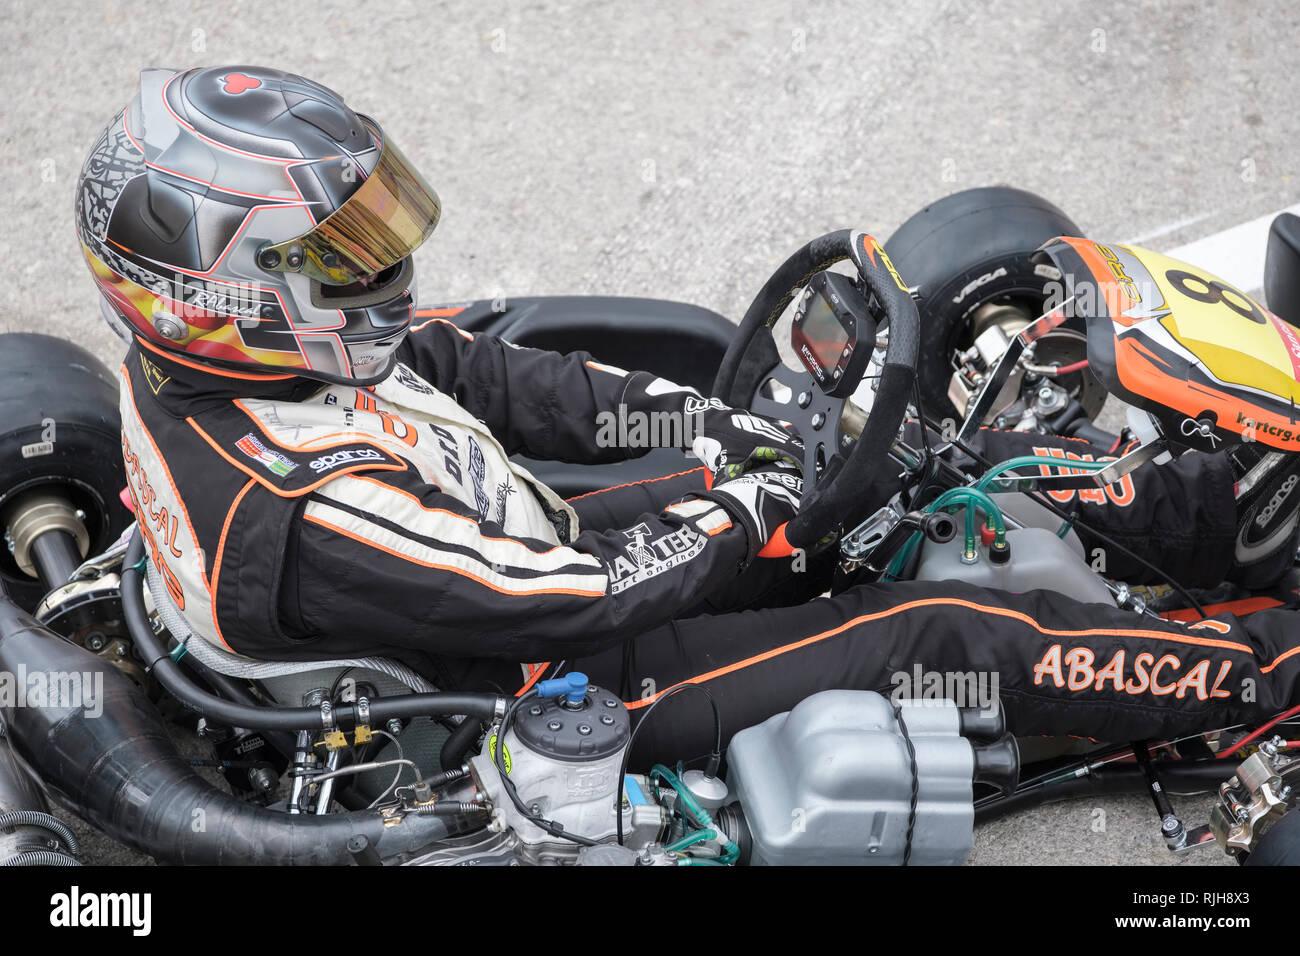 In der Nähe der Jugendlichen Go Kart Fahrer im Fahrerlager, Campillos, Malaga, Spanien, Stockbild